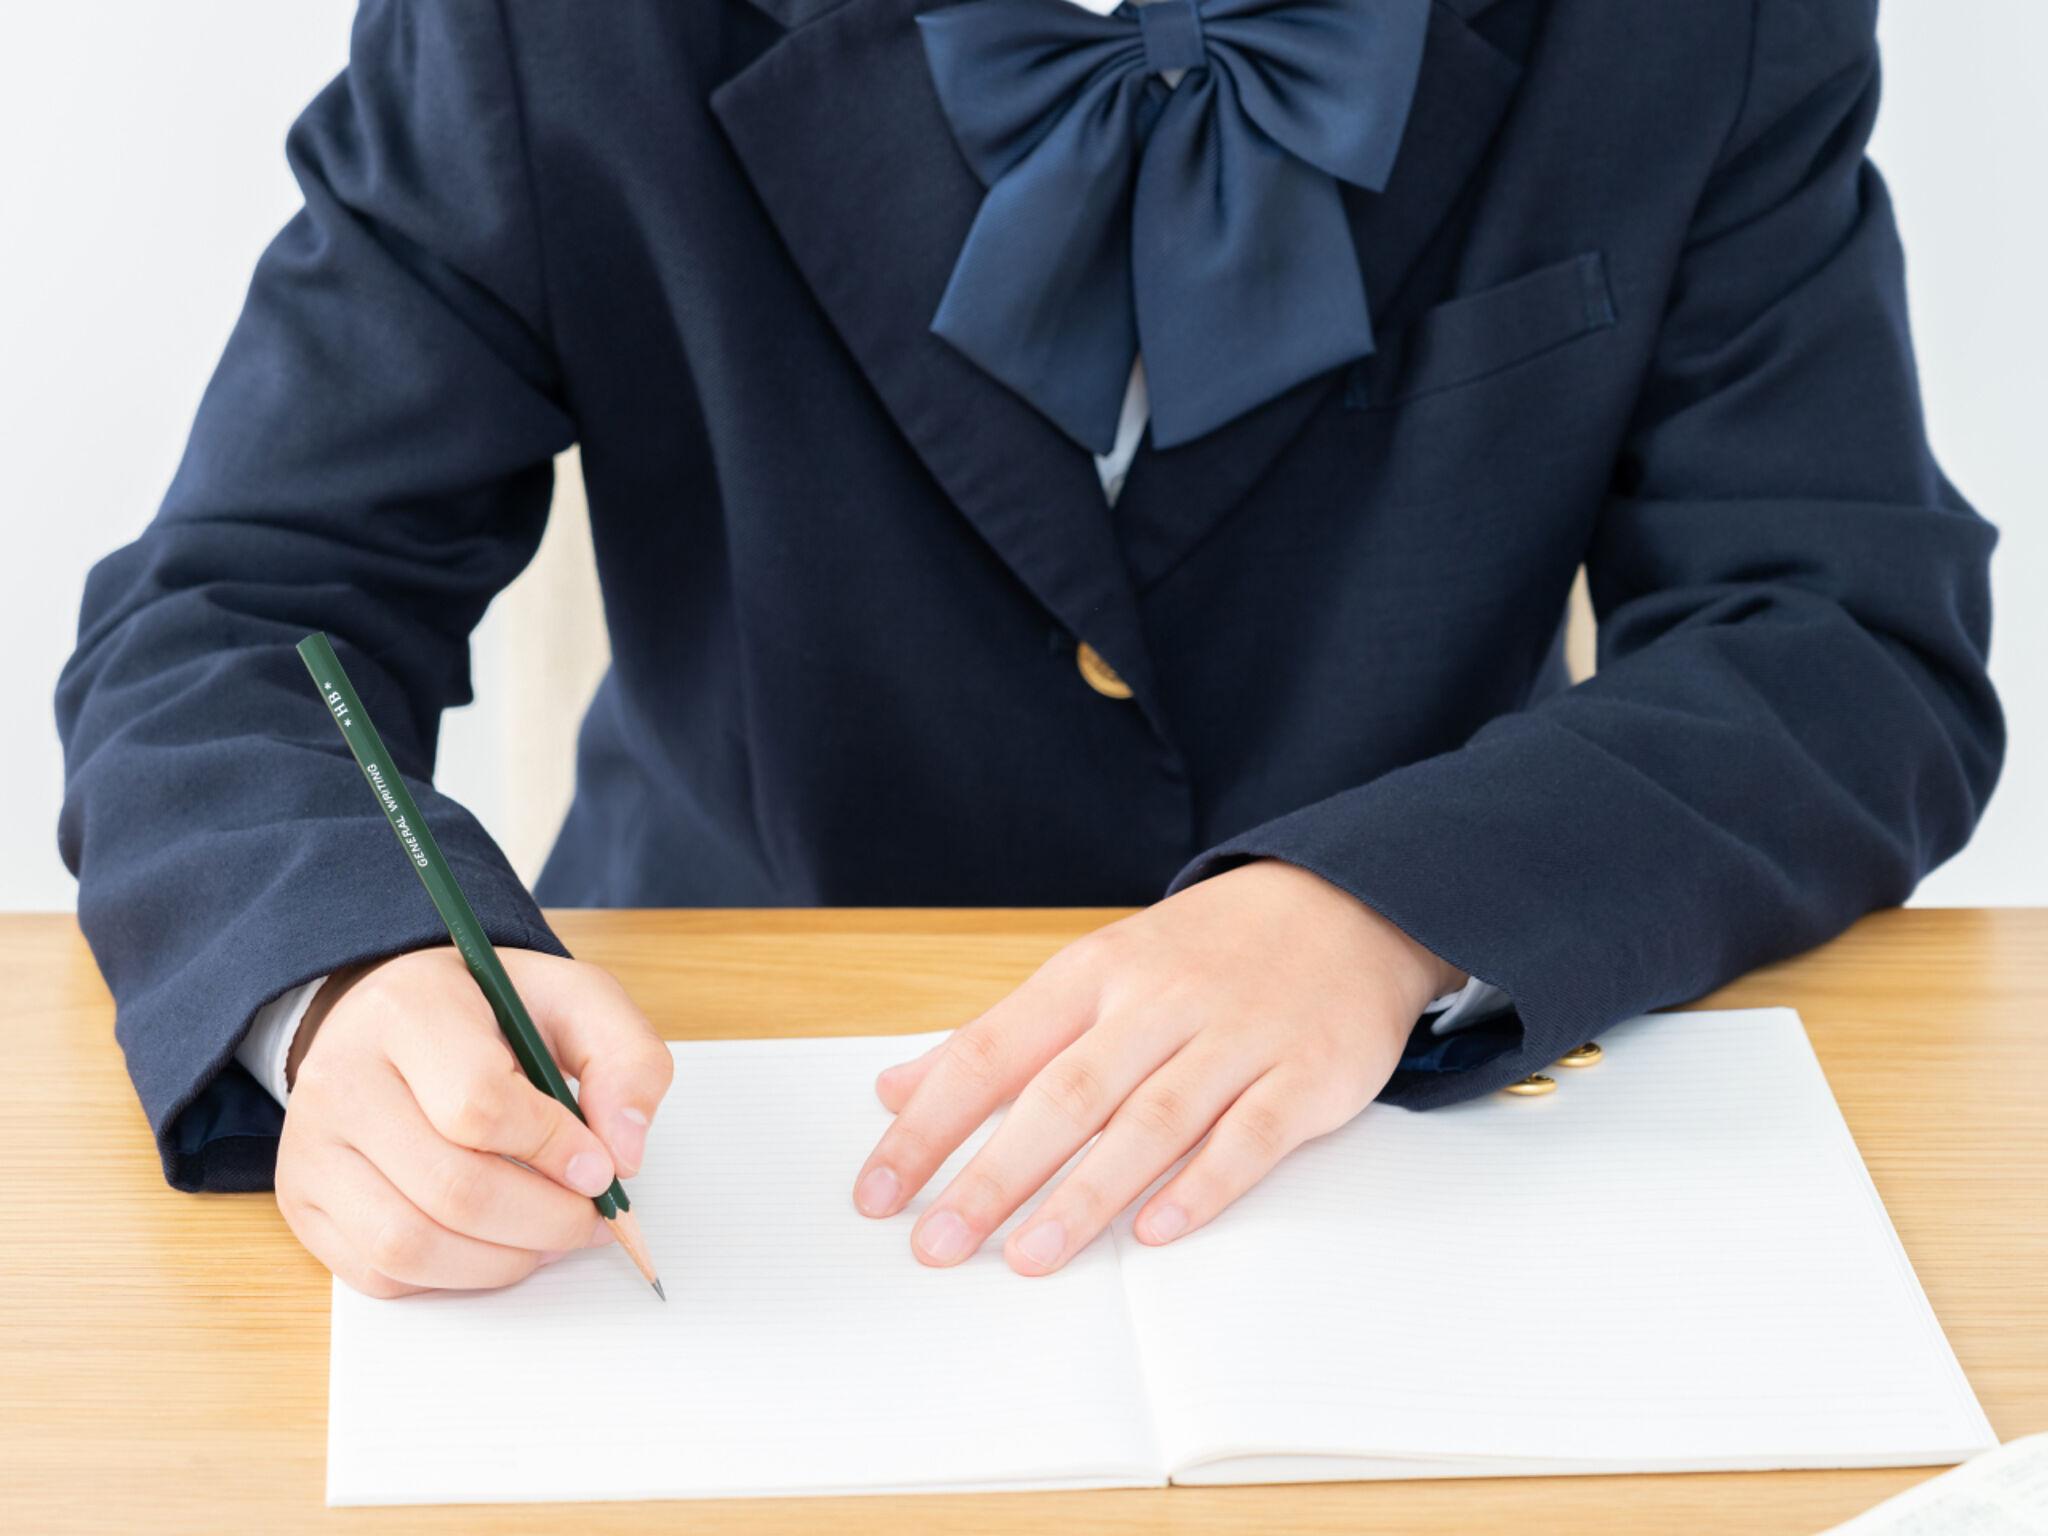 中学生が塾で勉強をしている画像